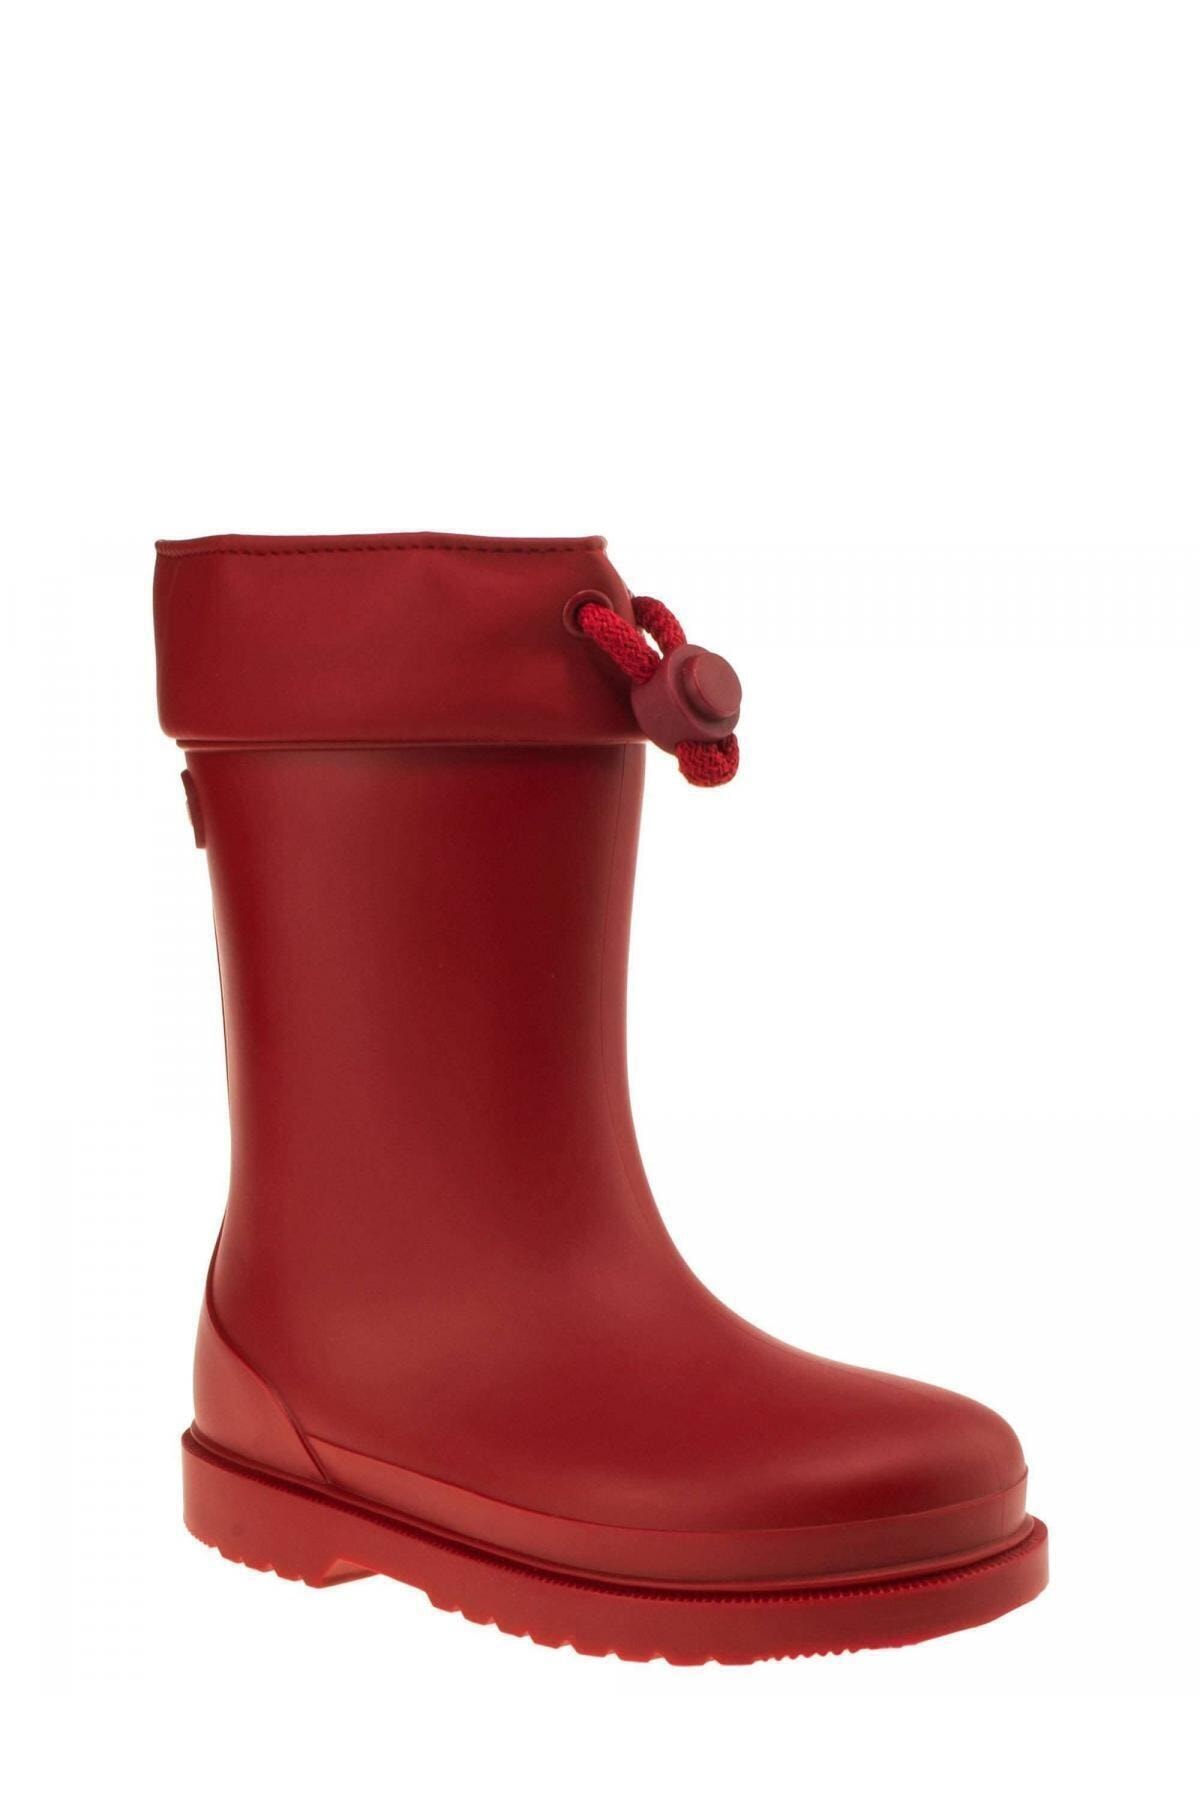 IGOR W10100 Chufo Cuello-005 Kırmızı Unisex Çocuk Yağmur Çizmesi 100386301 1